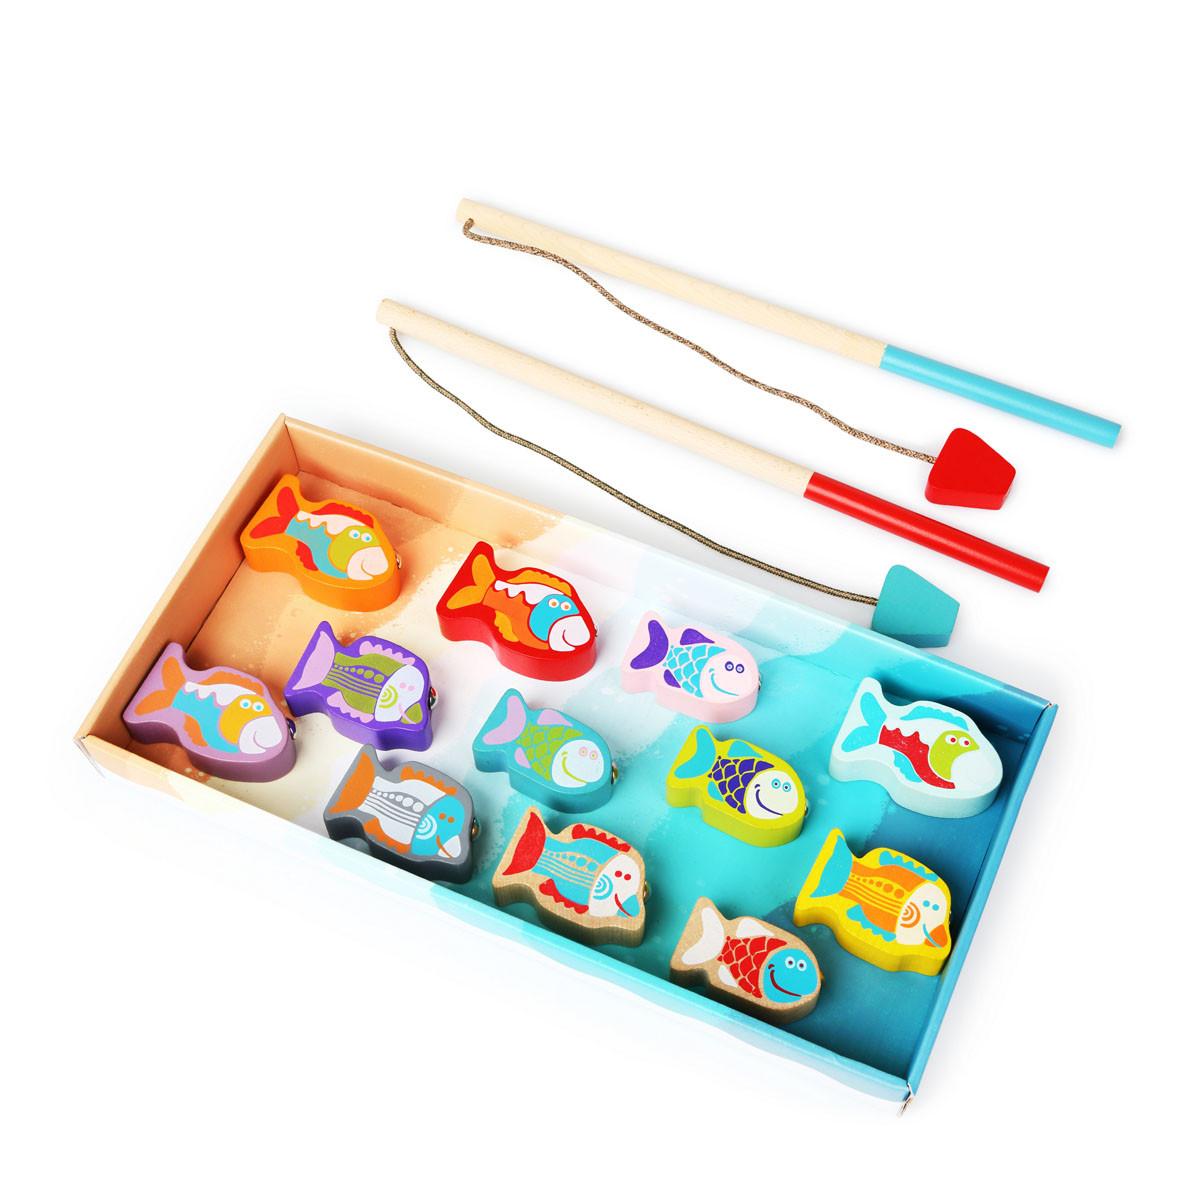 Cubika drvena igračka nizanje perli